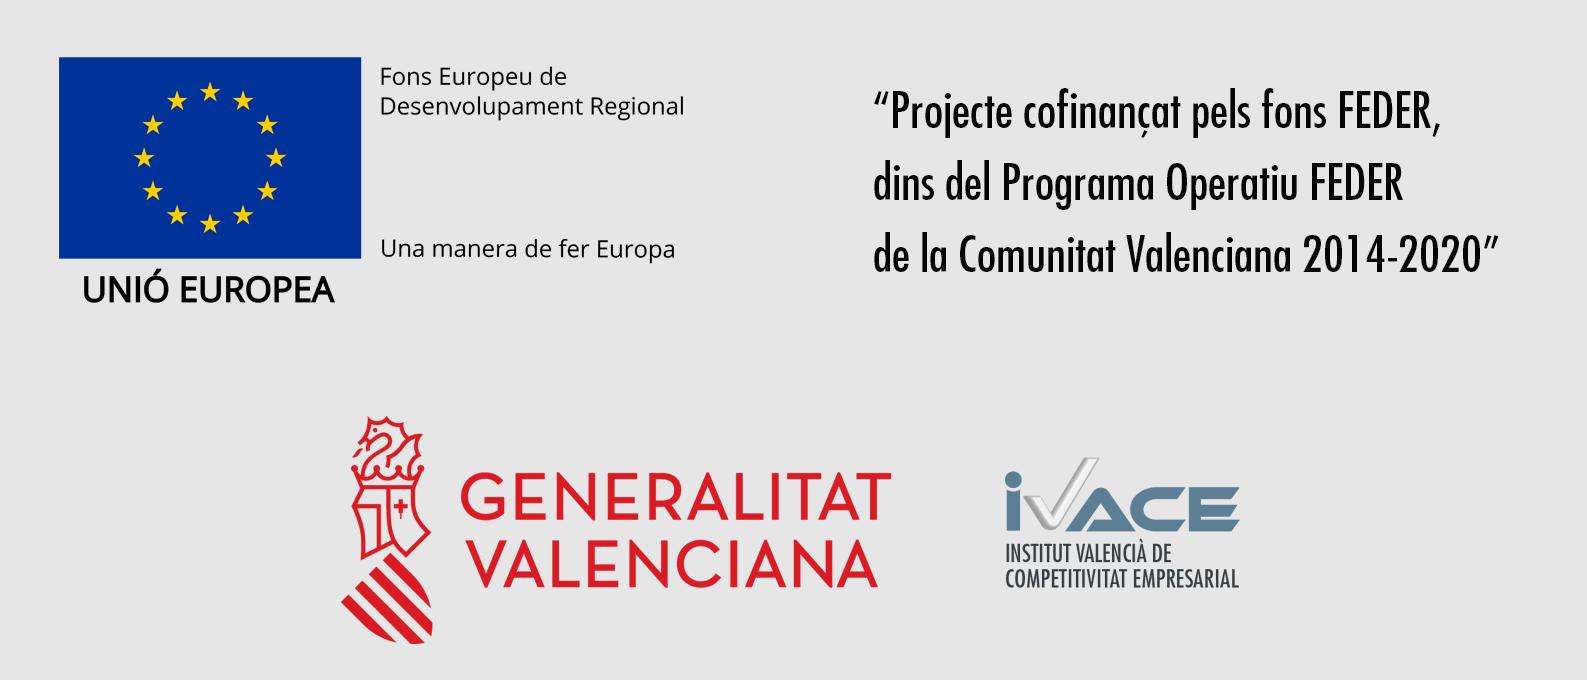 Umesal recibe una ayuda de los fondos FEDER de IVACE y la Unión Europea – 2021